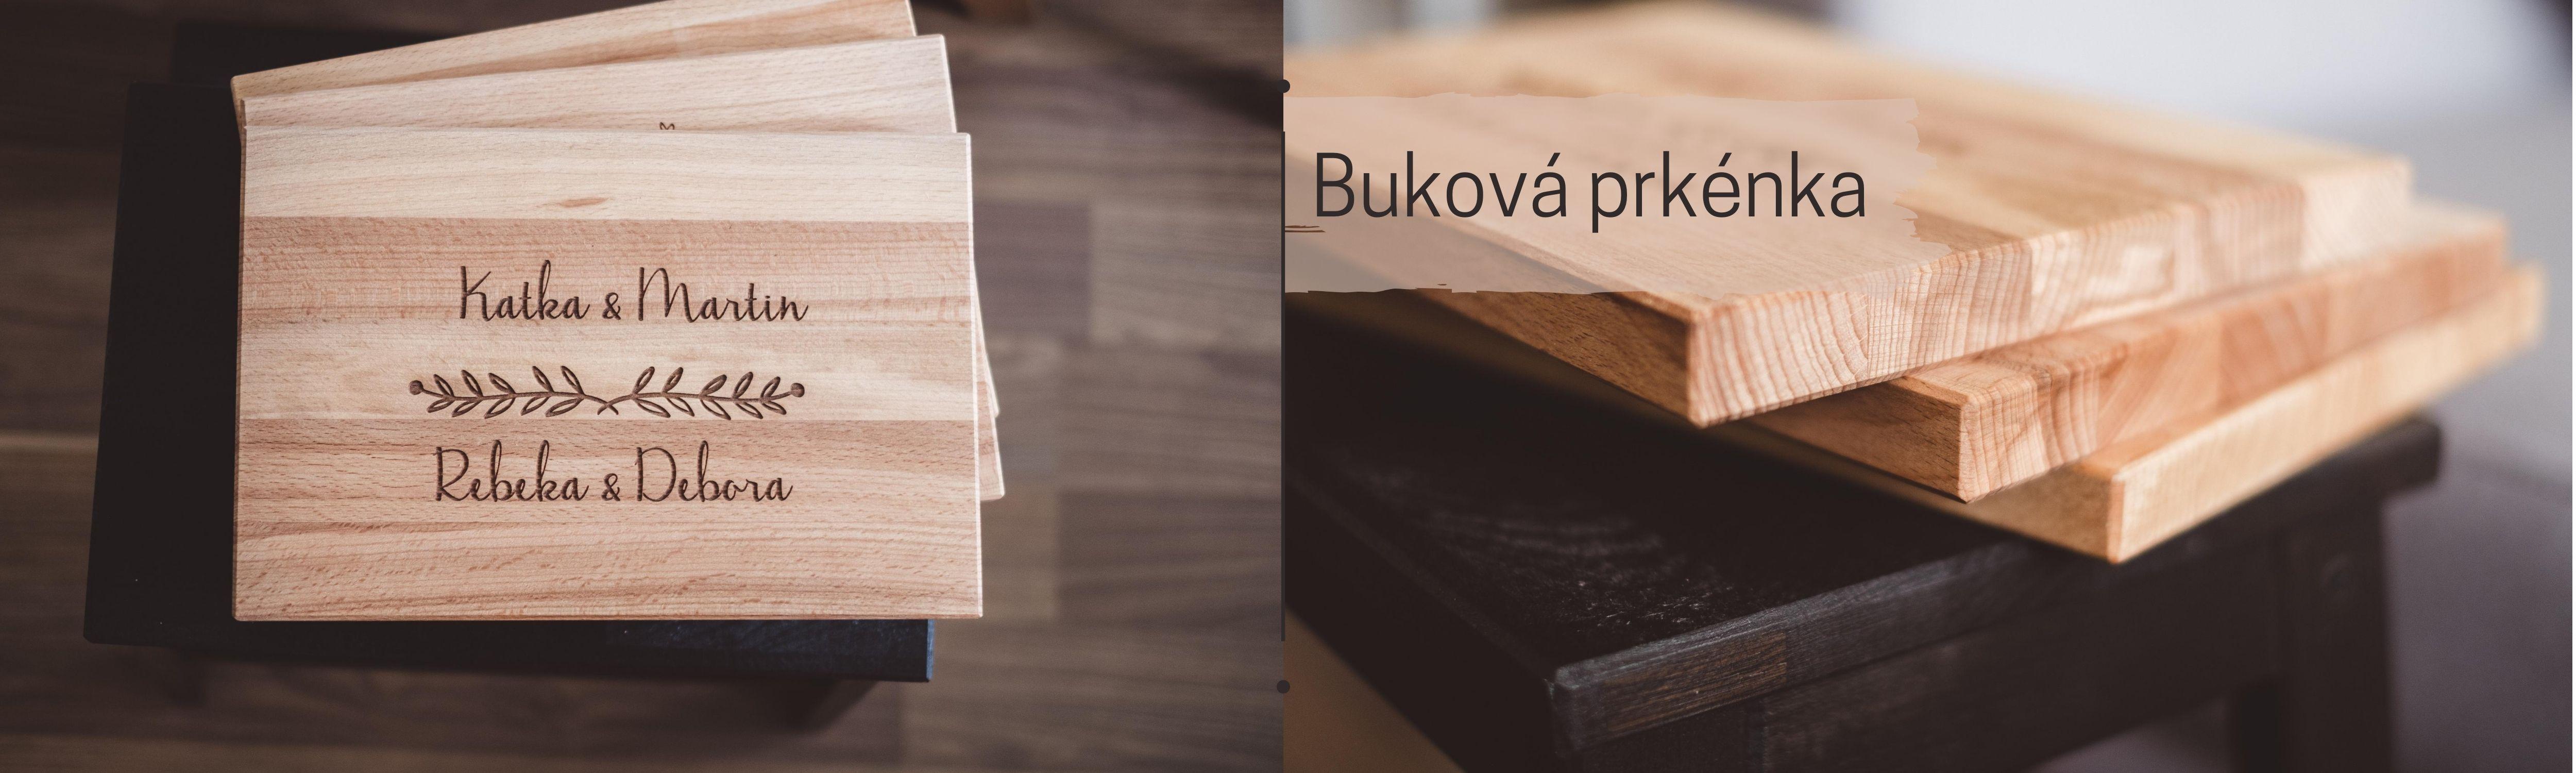 BlackMDesign_prkenka